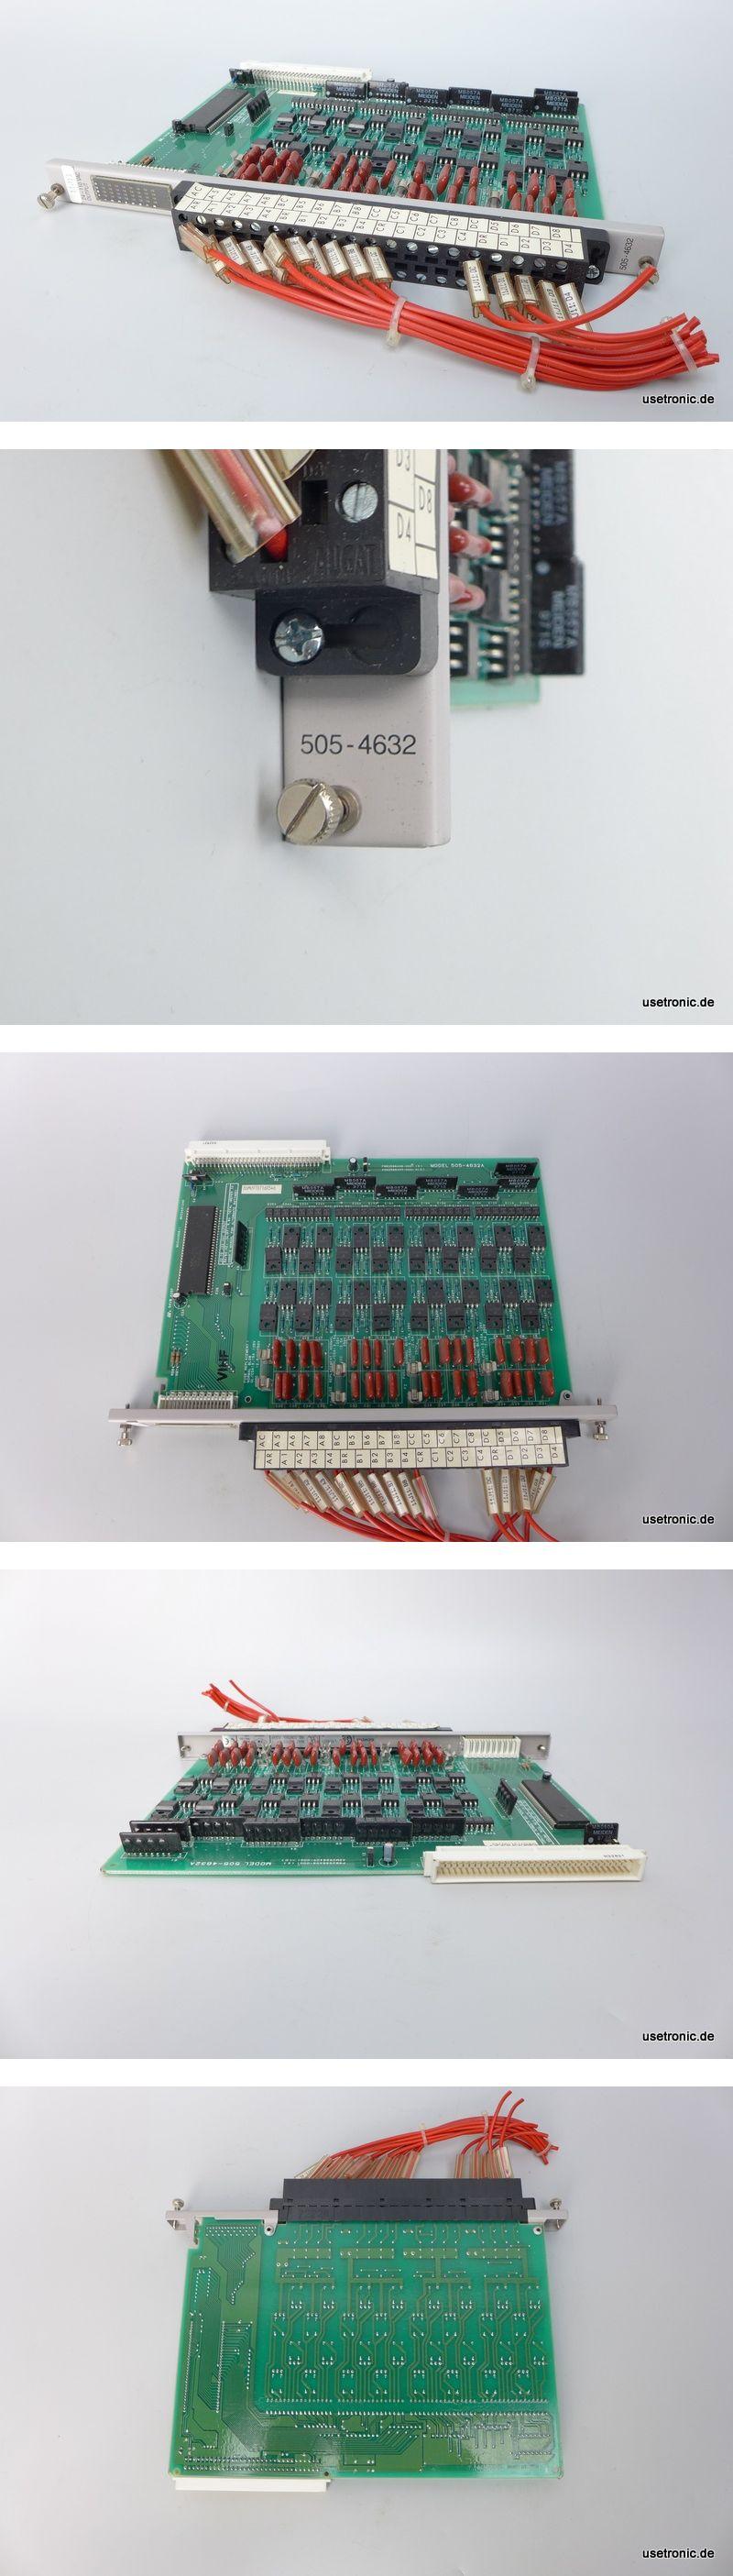 Siemens Texas Instruments 24-110 VAC Output 505-4632